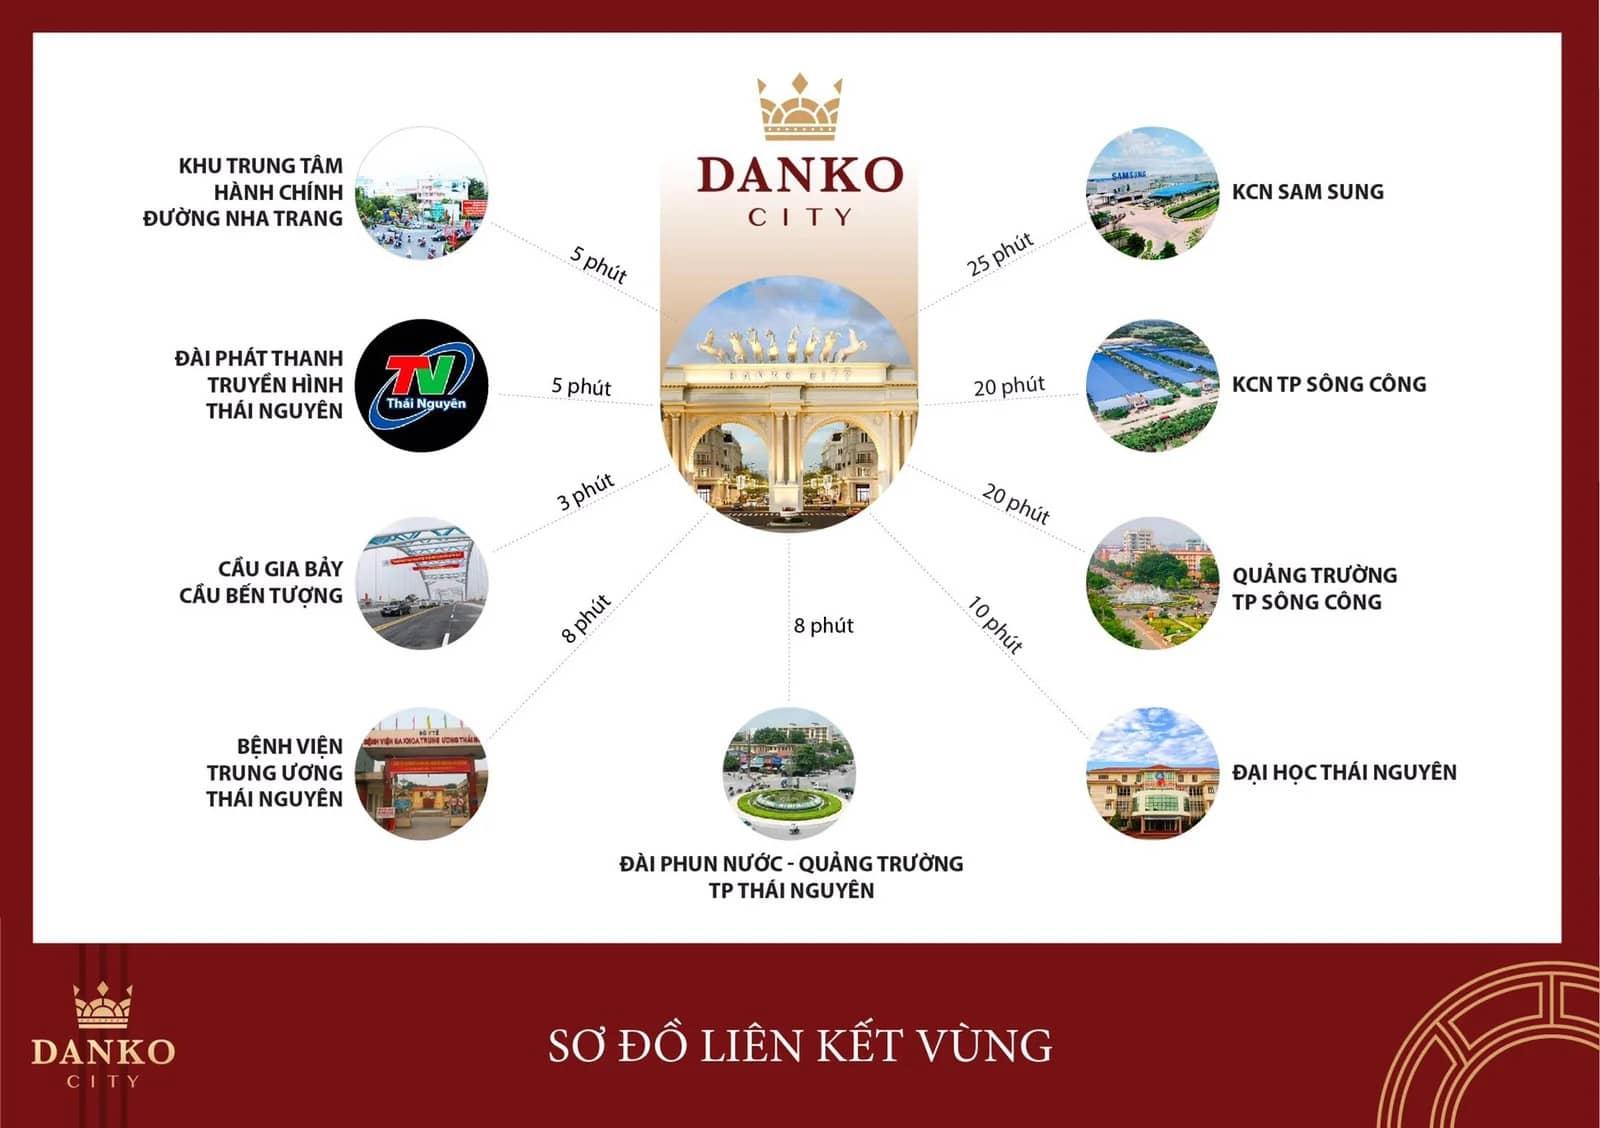 lien-ket-vung-danko-city.jpg